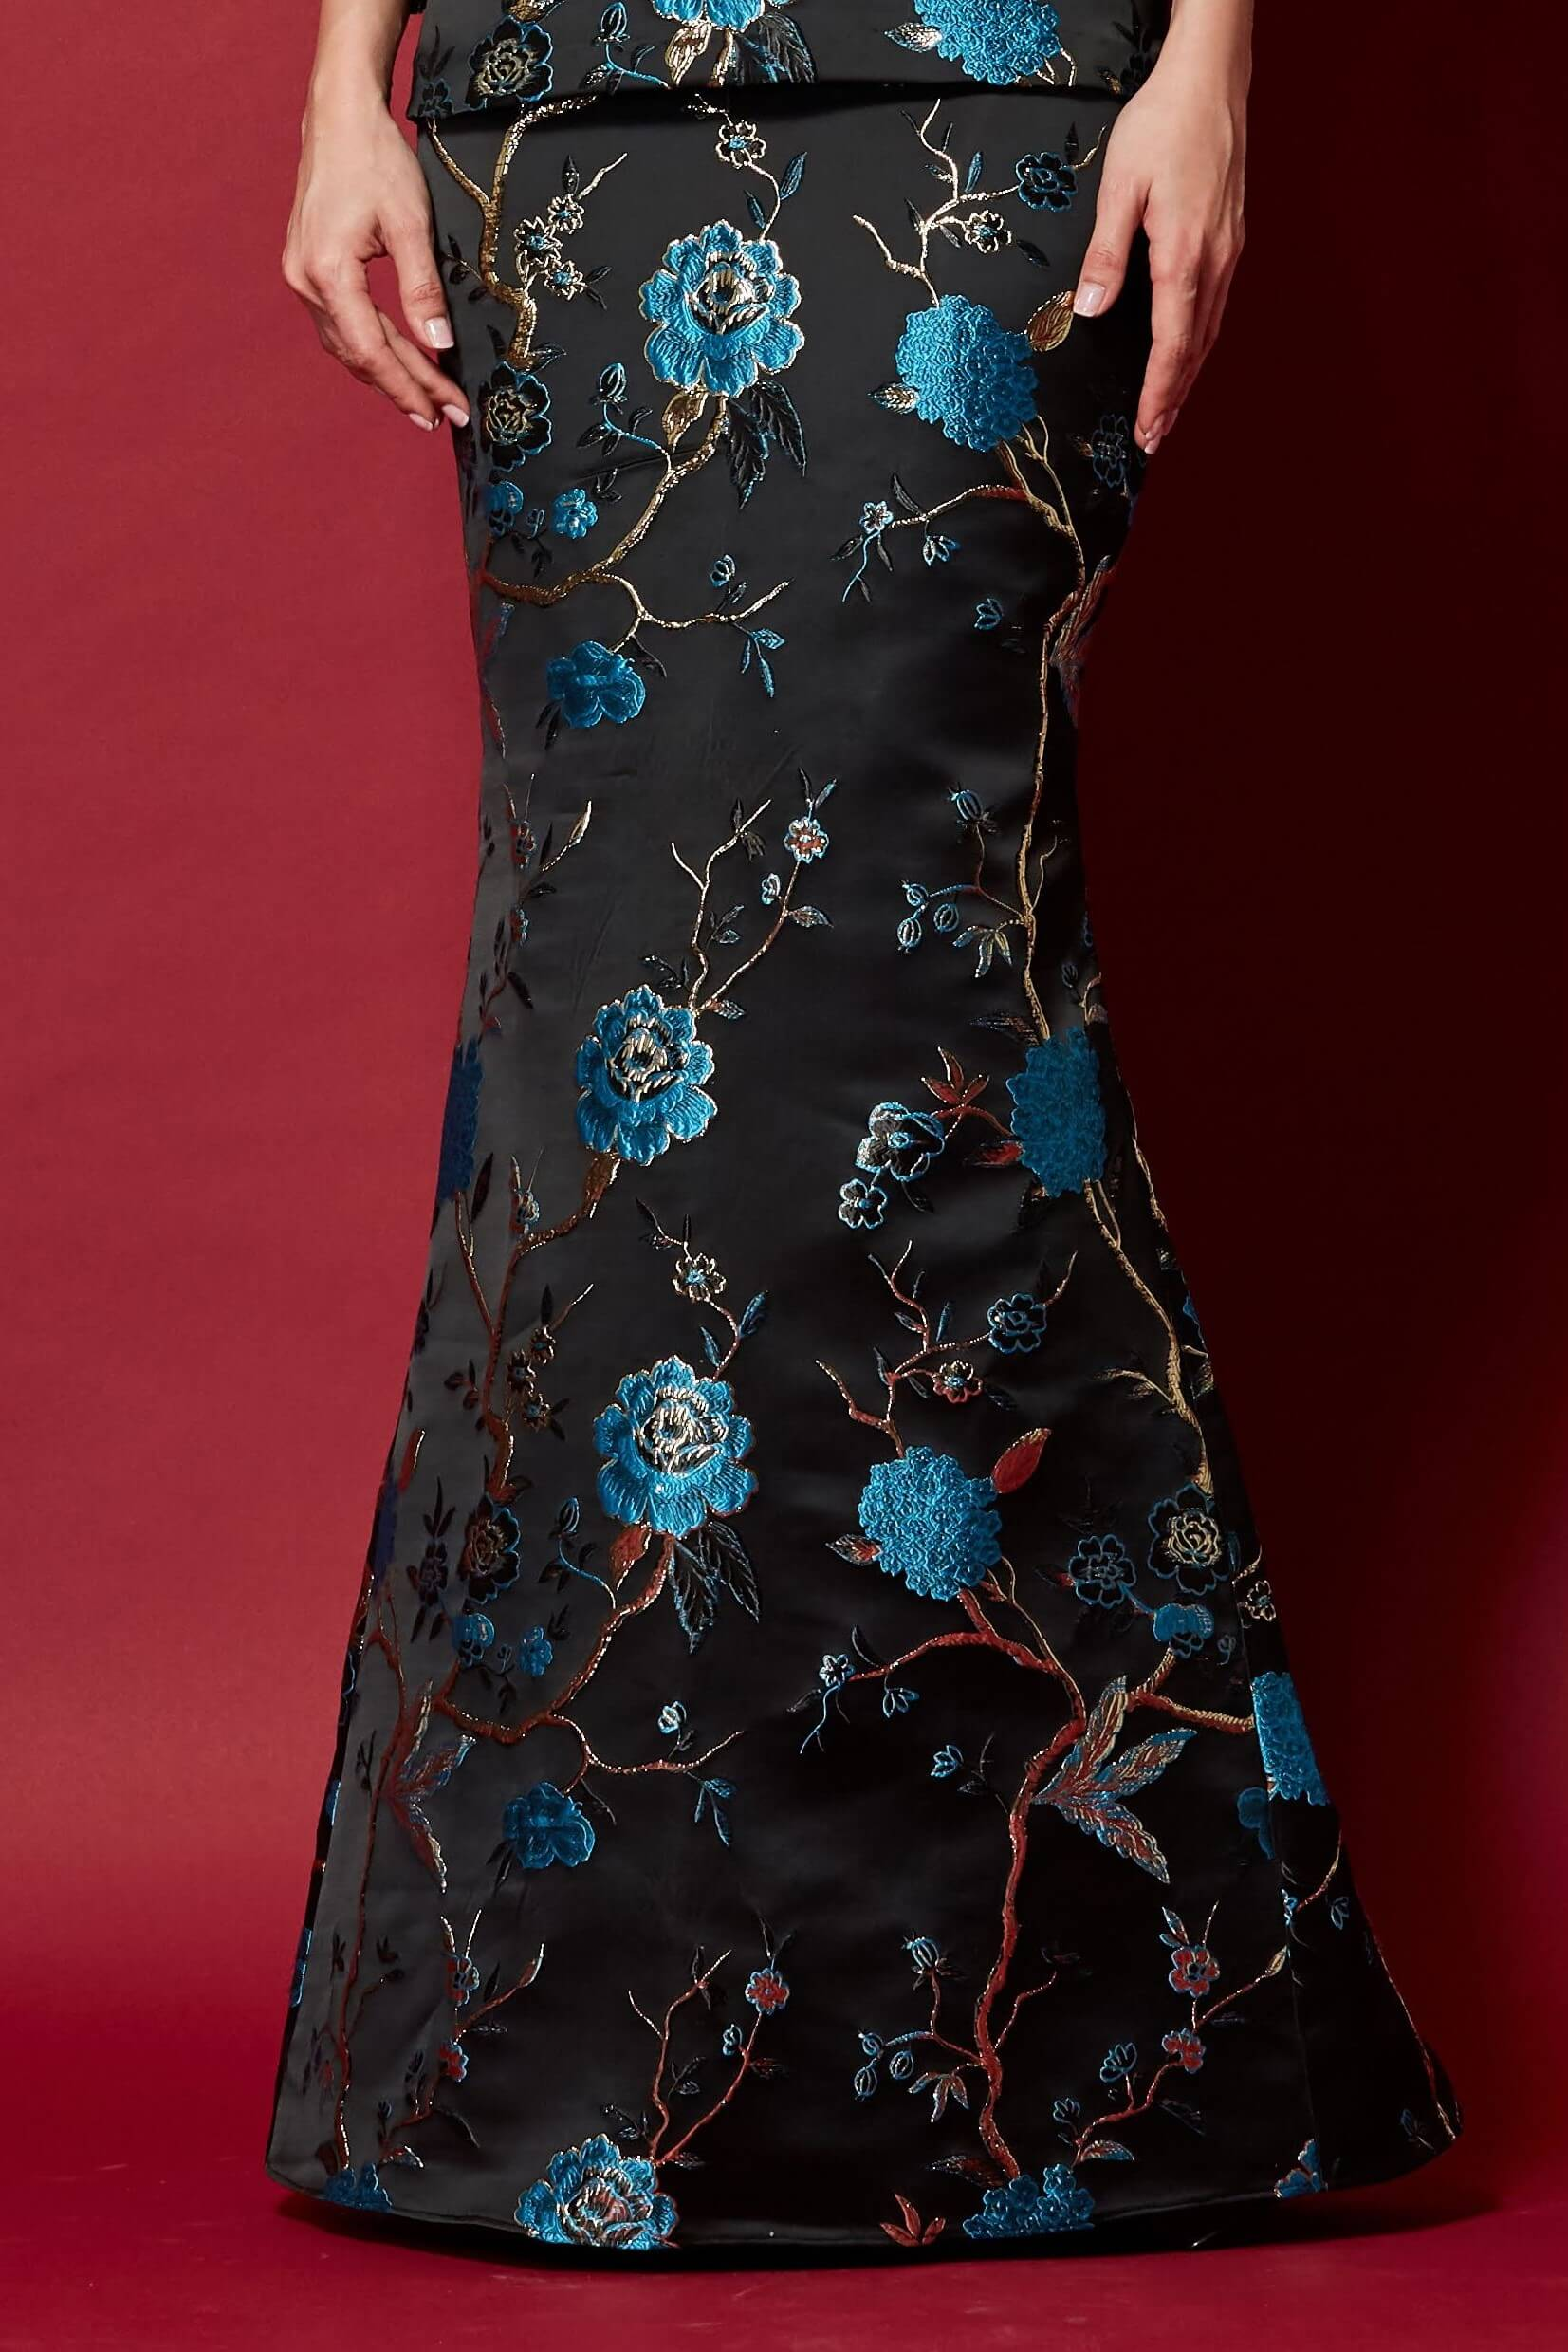 Black-Blue Floral Mermaid Skirt (2)